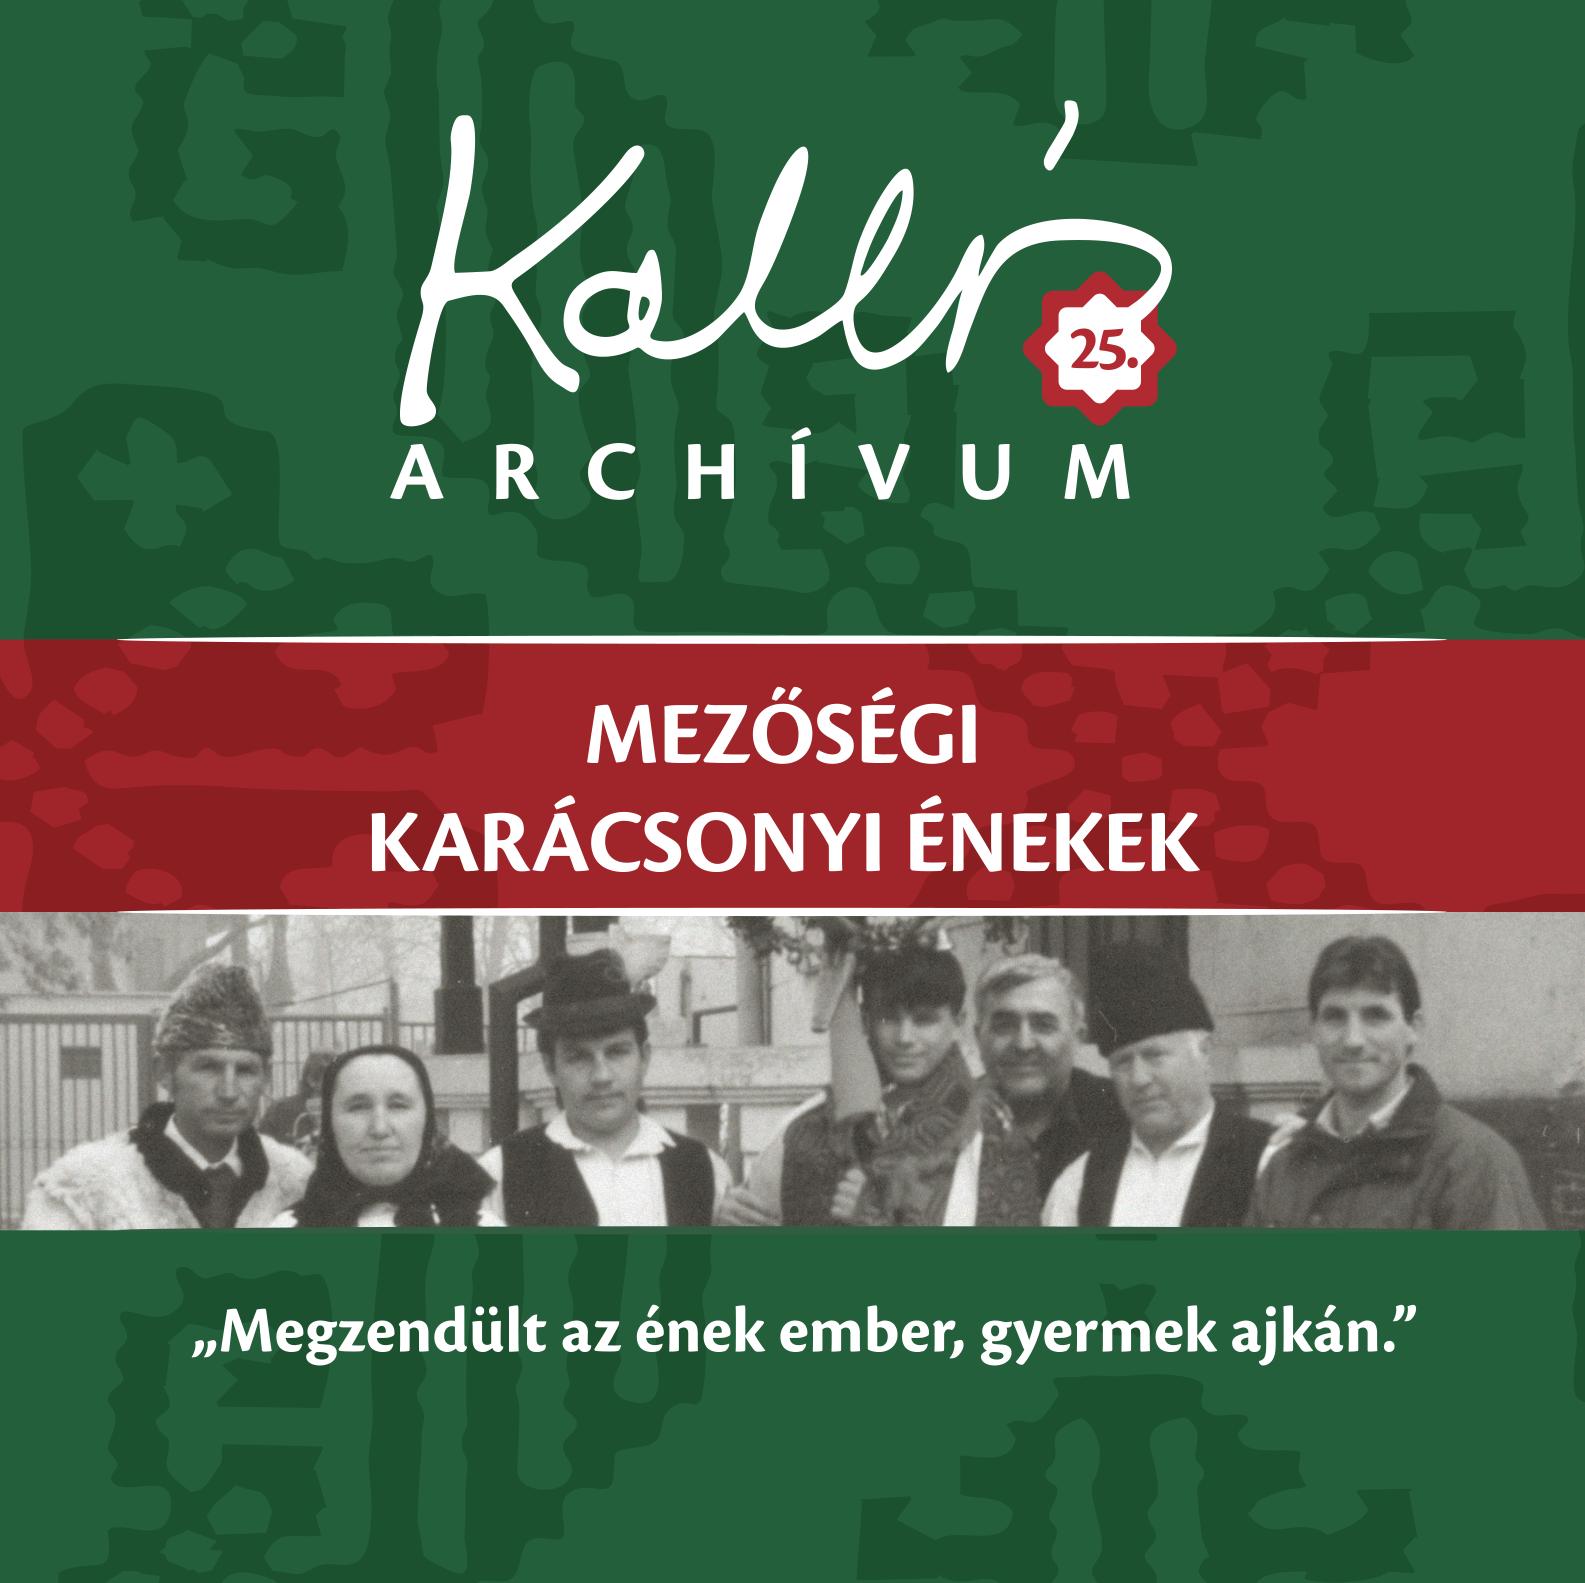 Kallós Archívum 25. – Mezőségi karácsonyi énekek